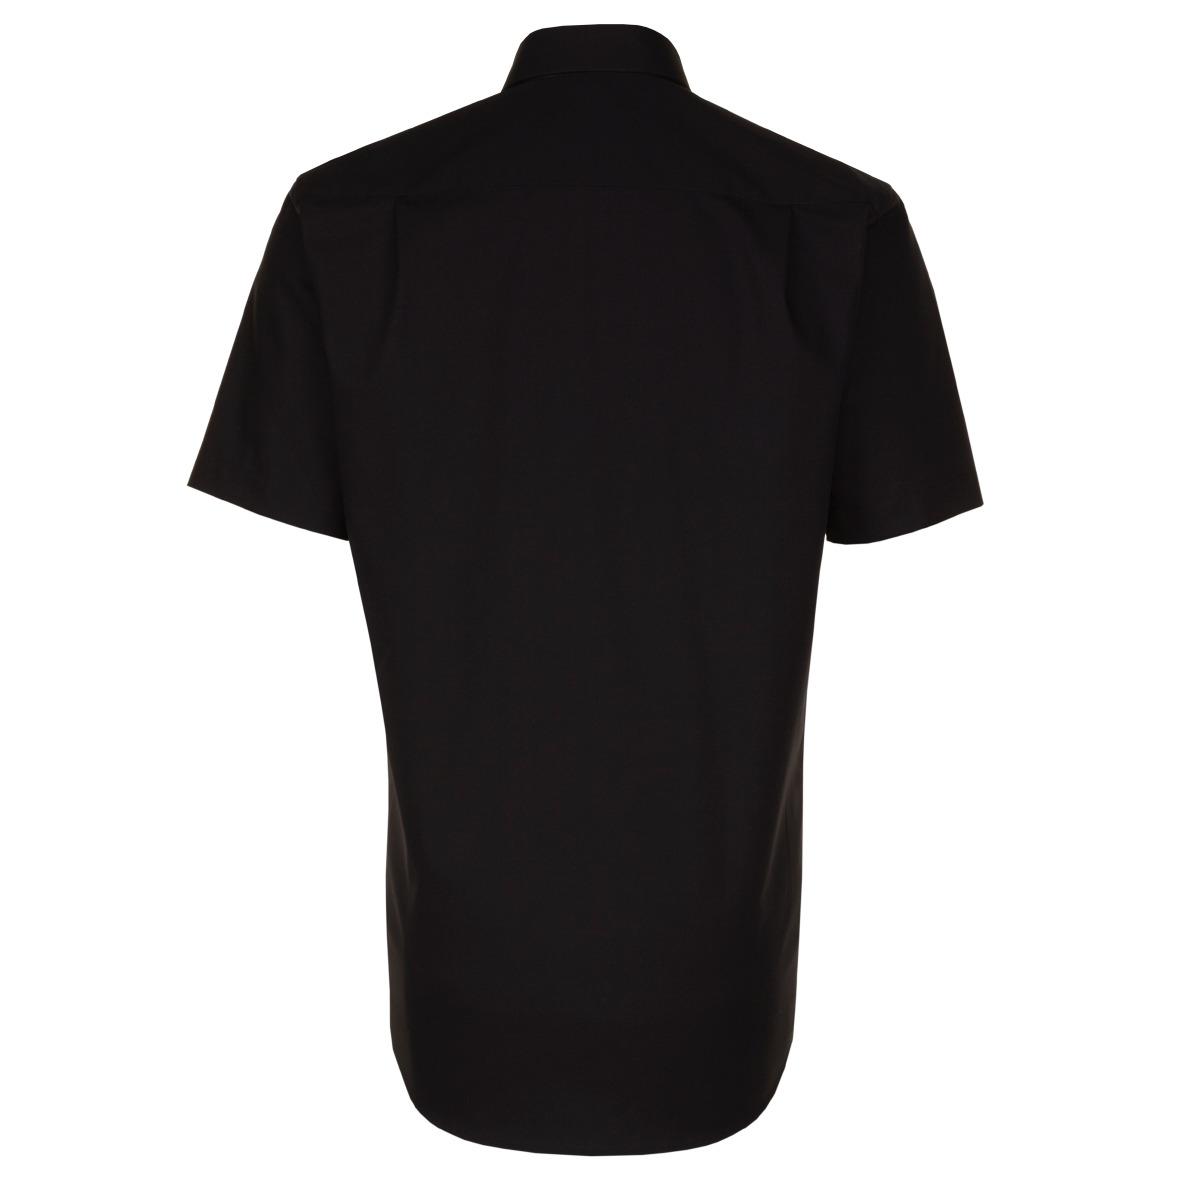 seidensticker-hemd-01-001001-84-schwarz-rucken